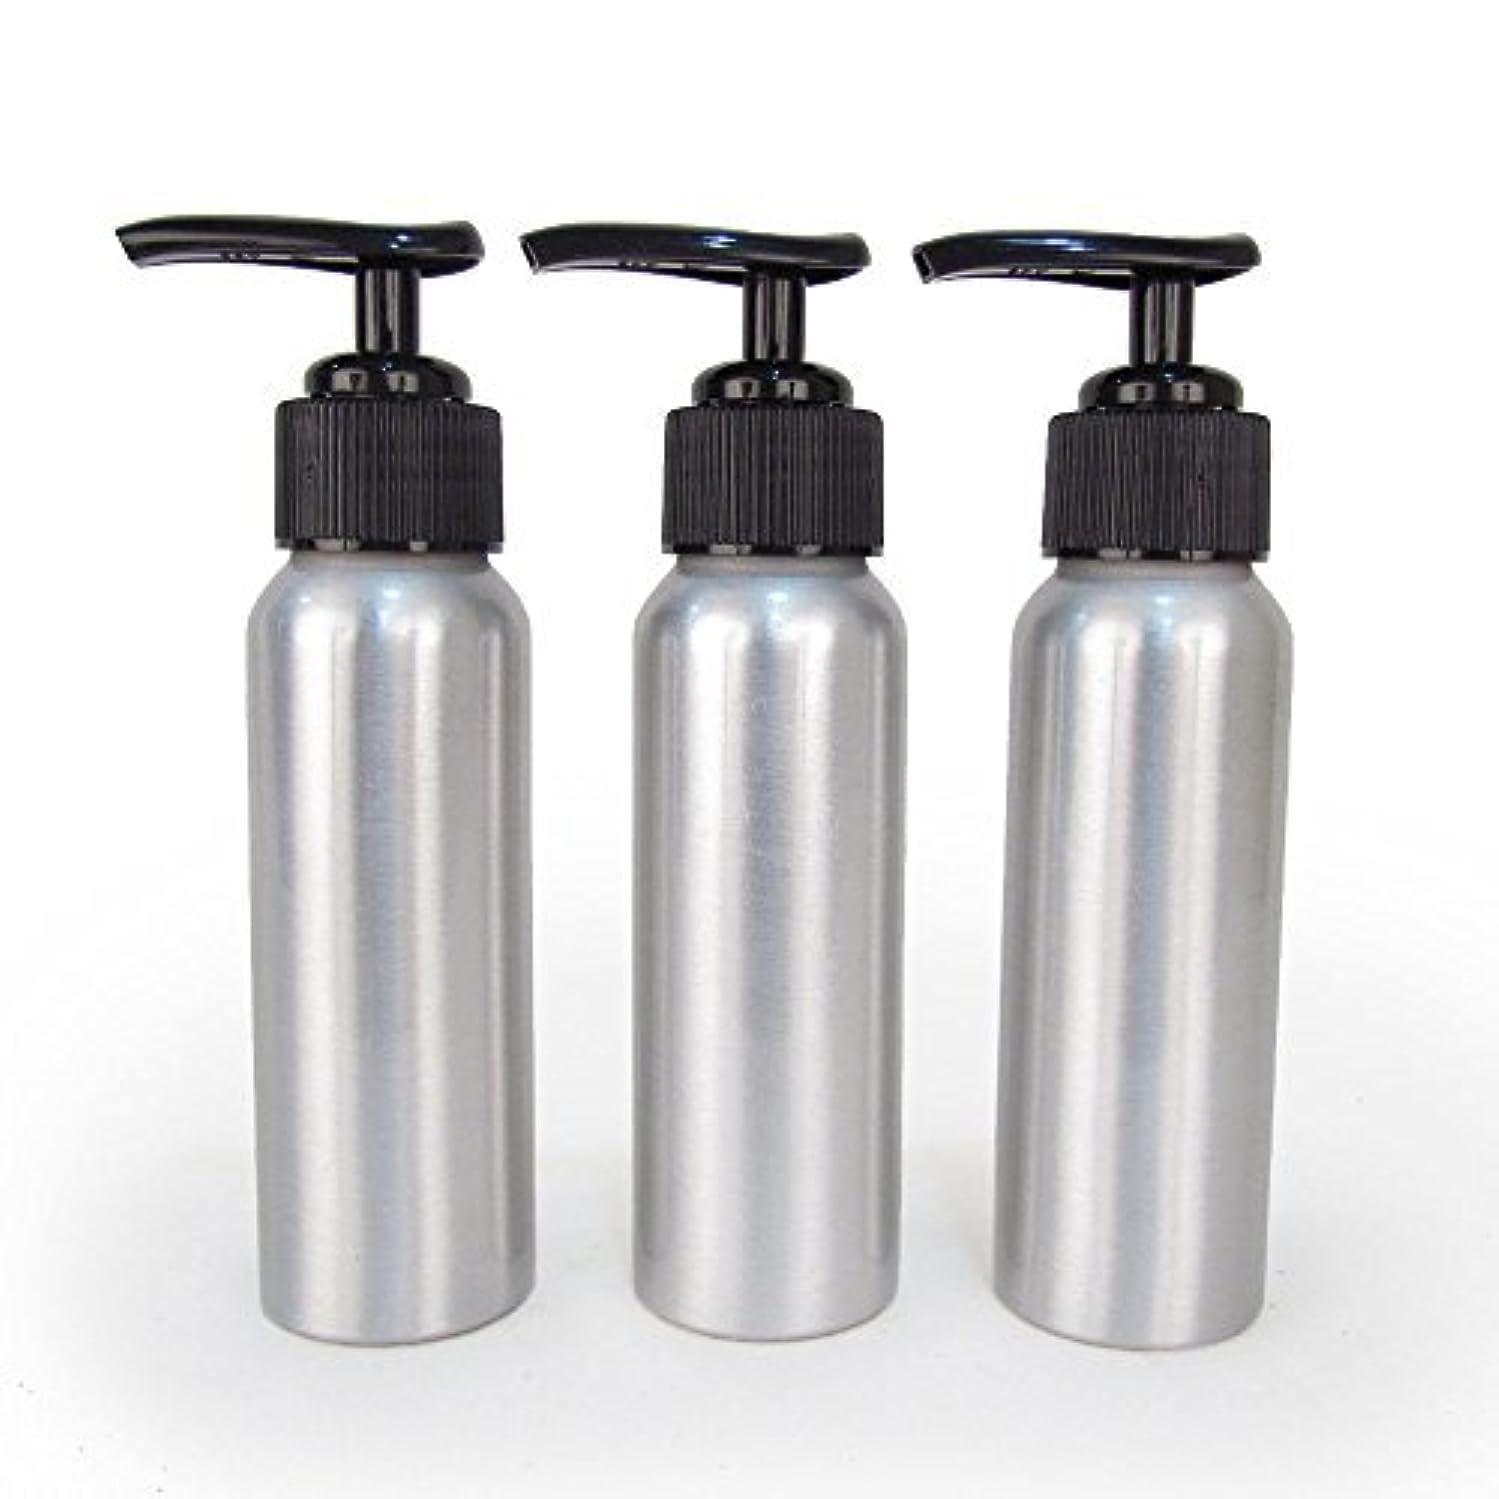 違反シンボル脅威Set of 3 - Slender Brushed Aluminum 2.7 oz Pump Bottle for Essential Oil Products by Rivertree Life [並行輸入品]